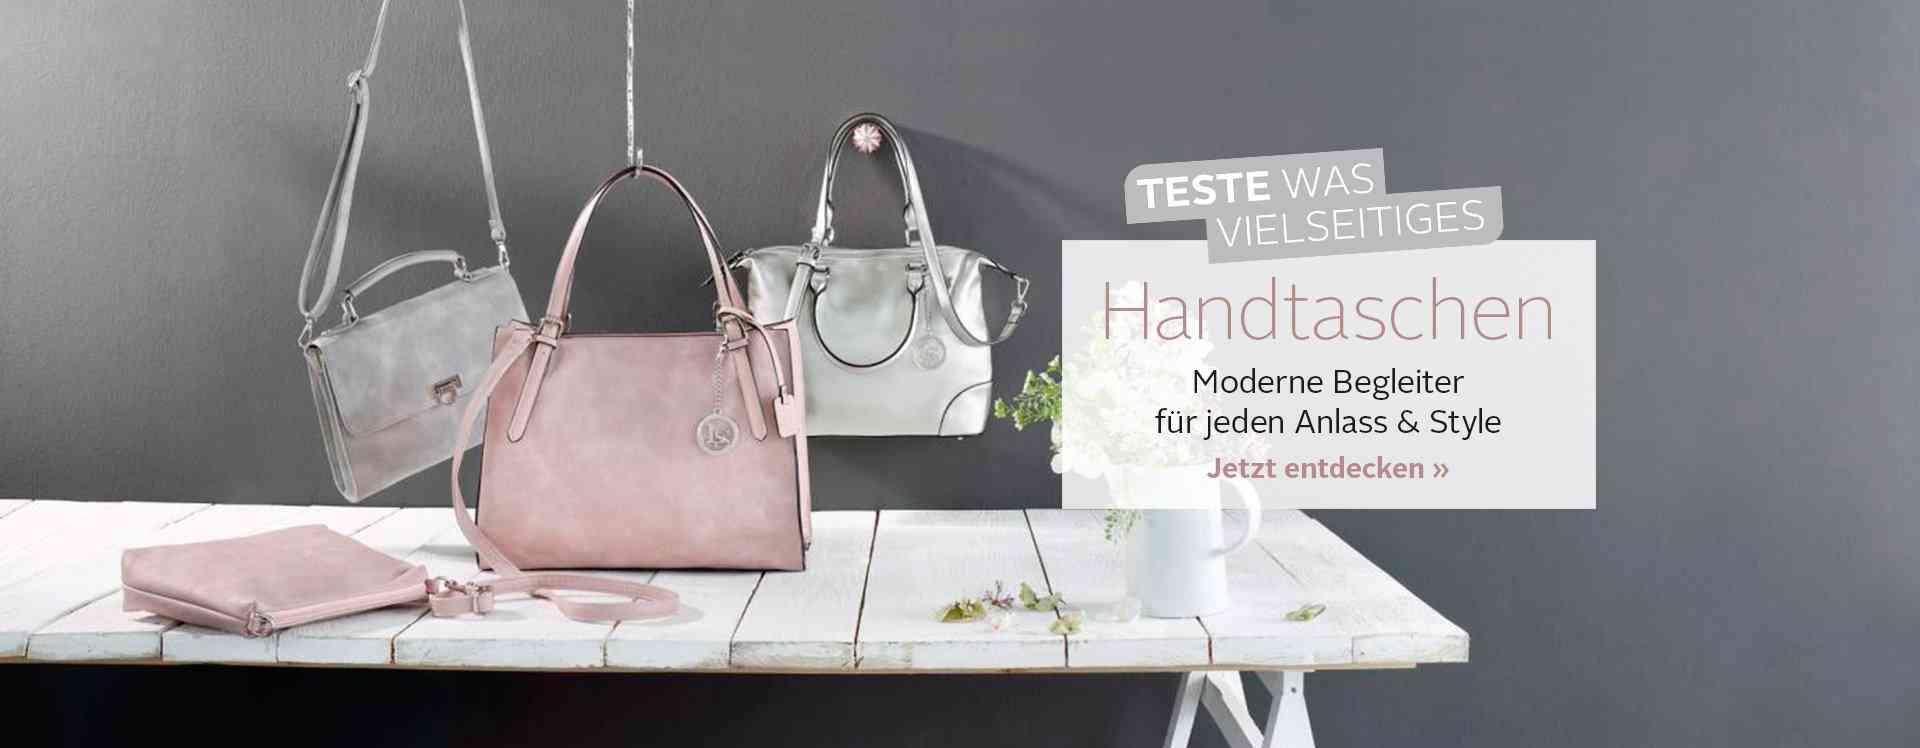 IHR ständiger Begleiter: Handtaschen finden Sie hier in allen Variationen in grenzenloser Hülle und Fülle.